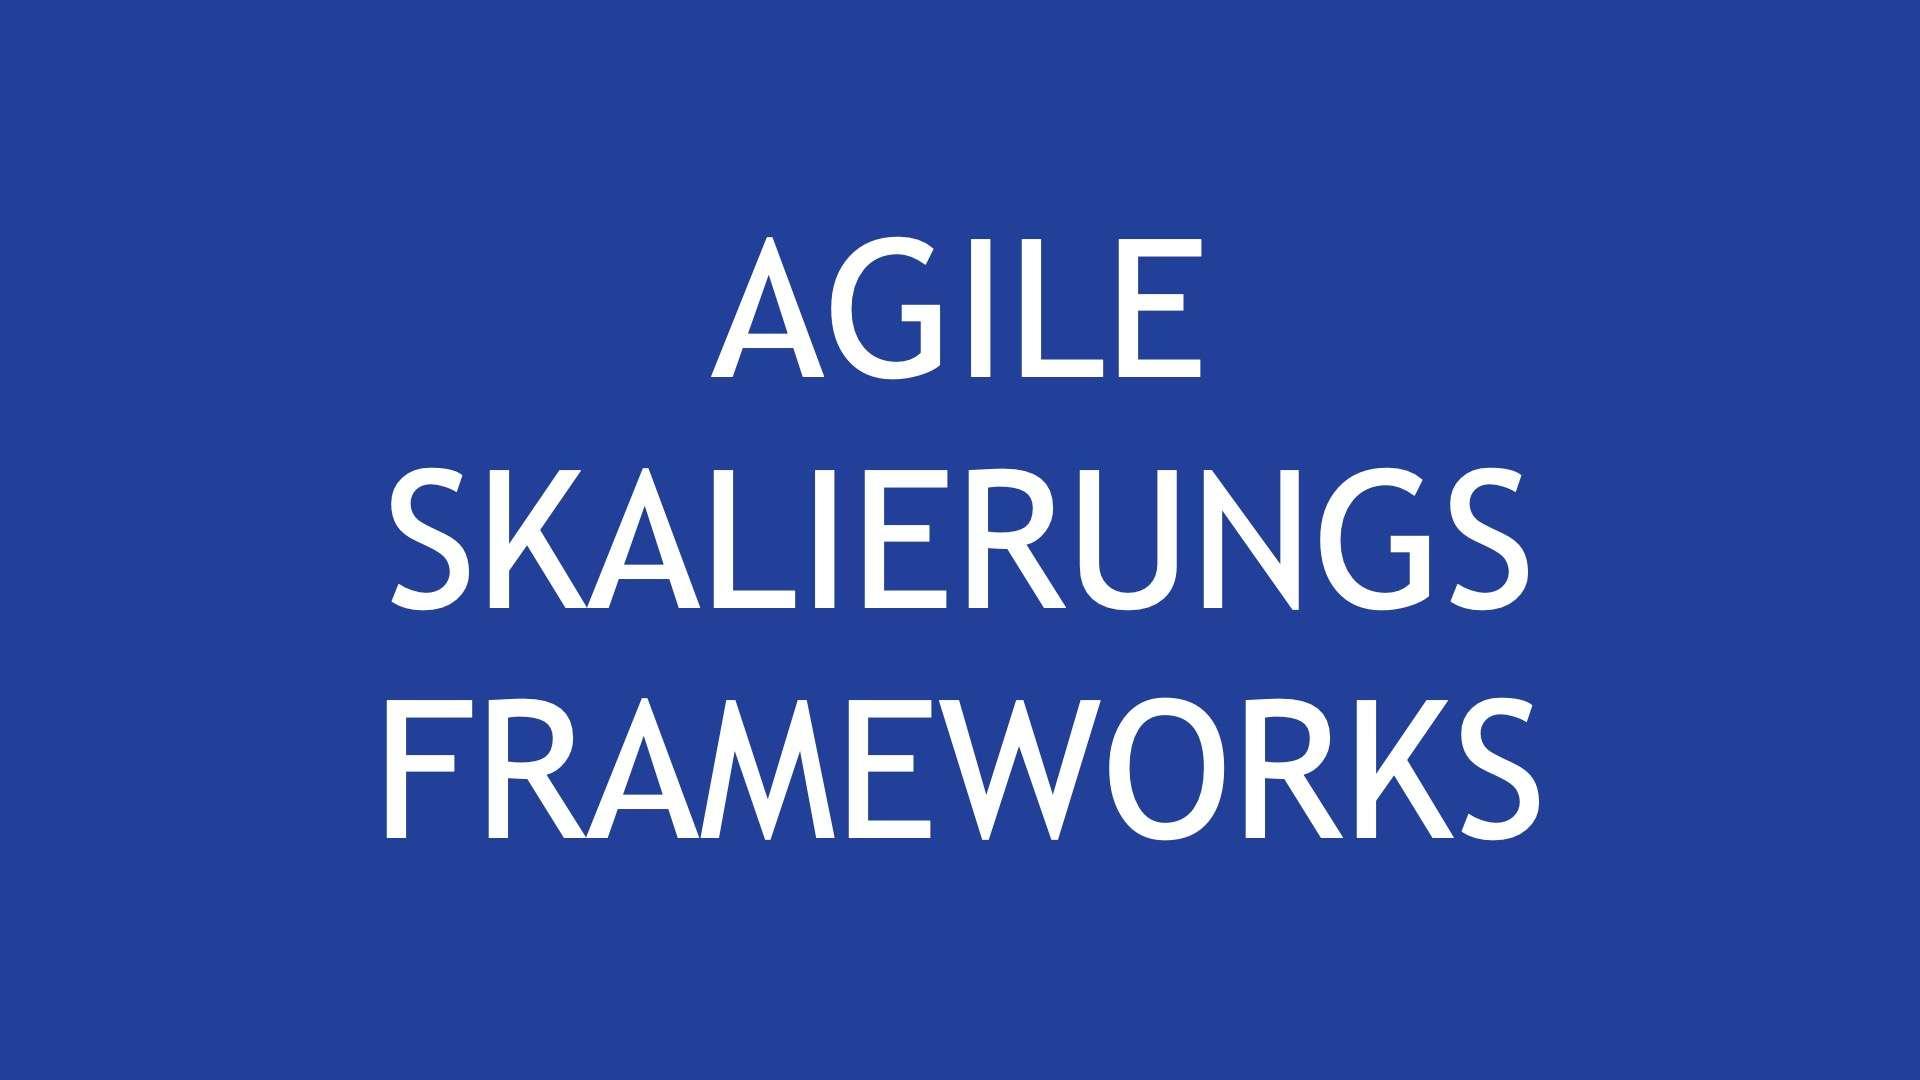 Agile Skalierungs Frameworks